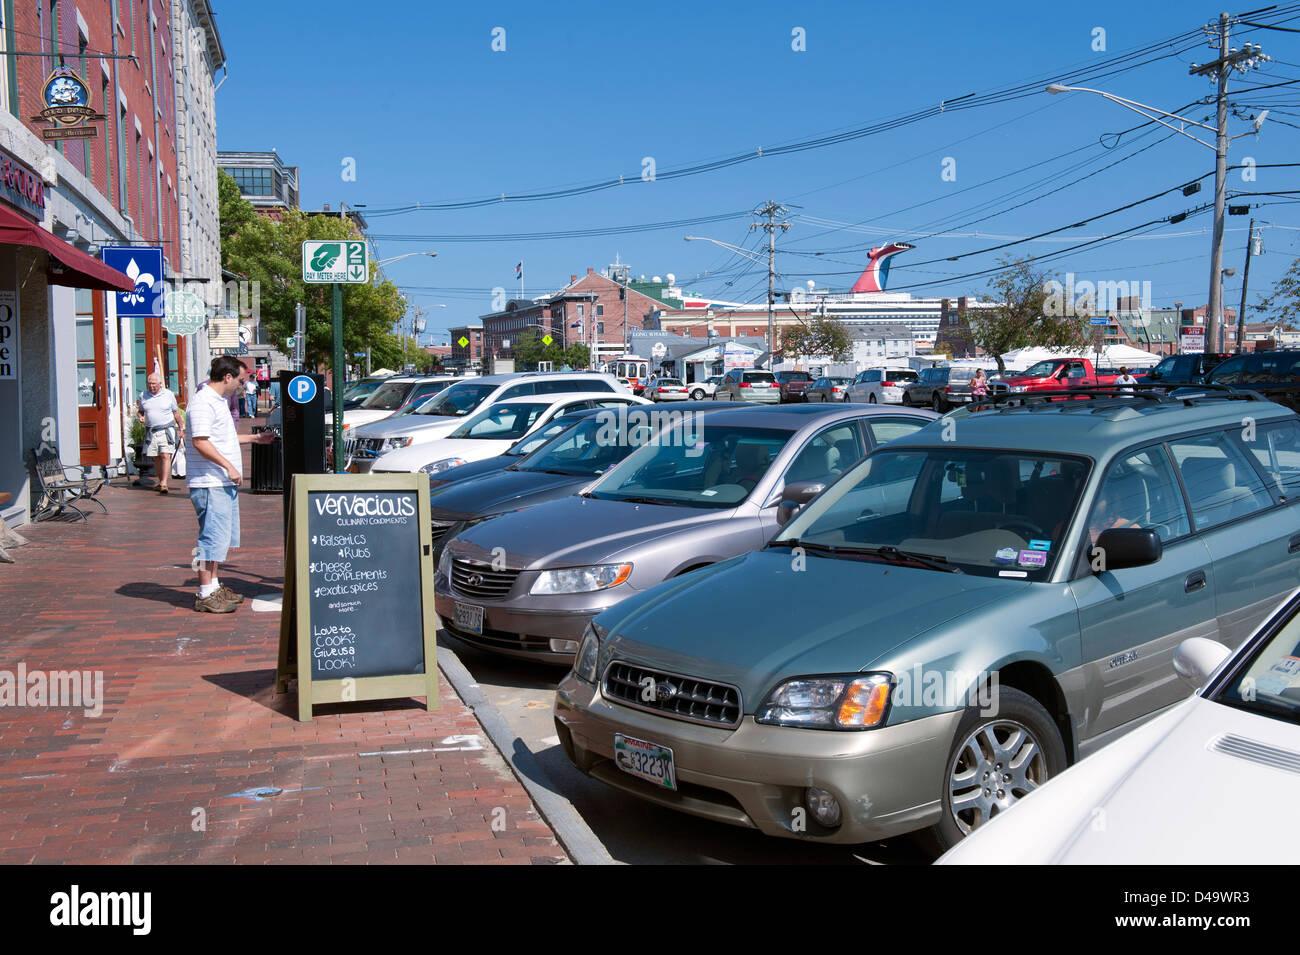 El hombre compra un ticket de aparcamiento desde un distribuidor automático en el centro de Portland, Maine, Estados Unidos. Foto de stock